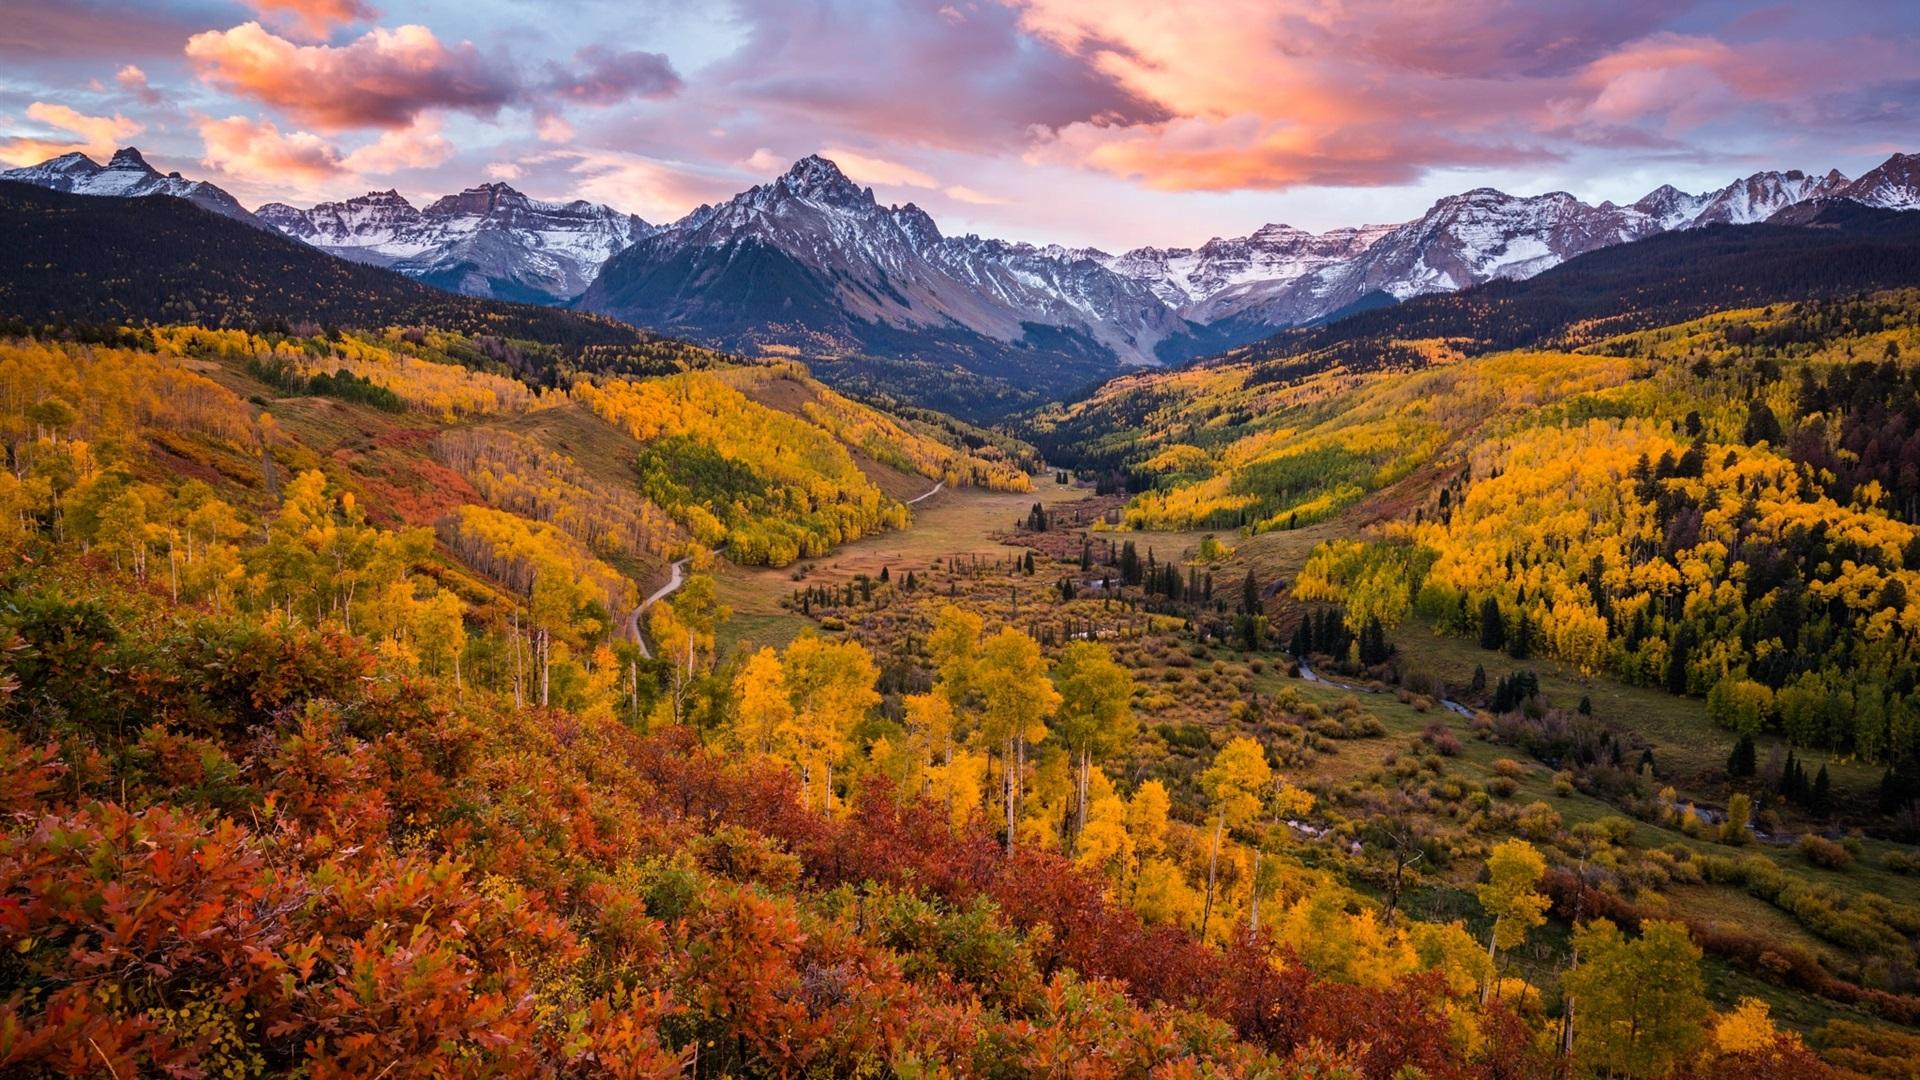 foto de Fonds d'écran Beau paysage d'automne, arbres, nuages, montagnes ...